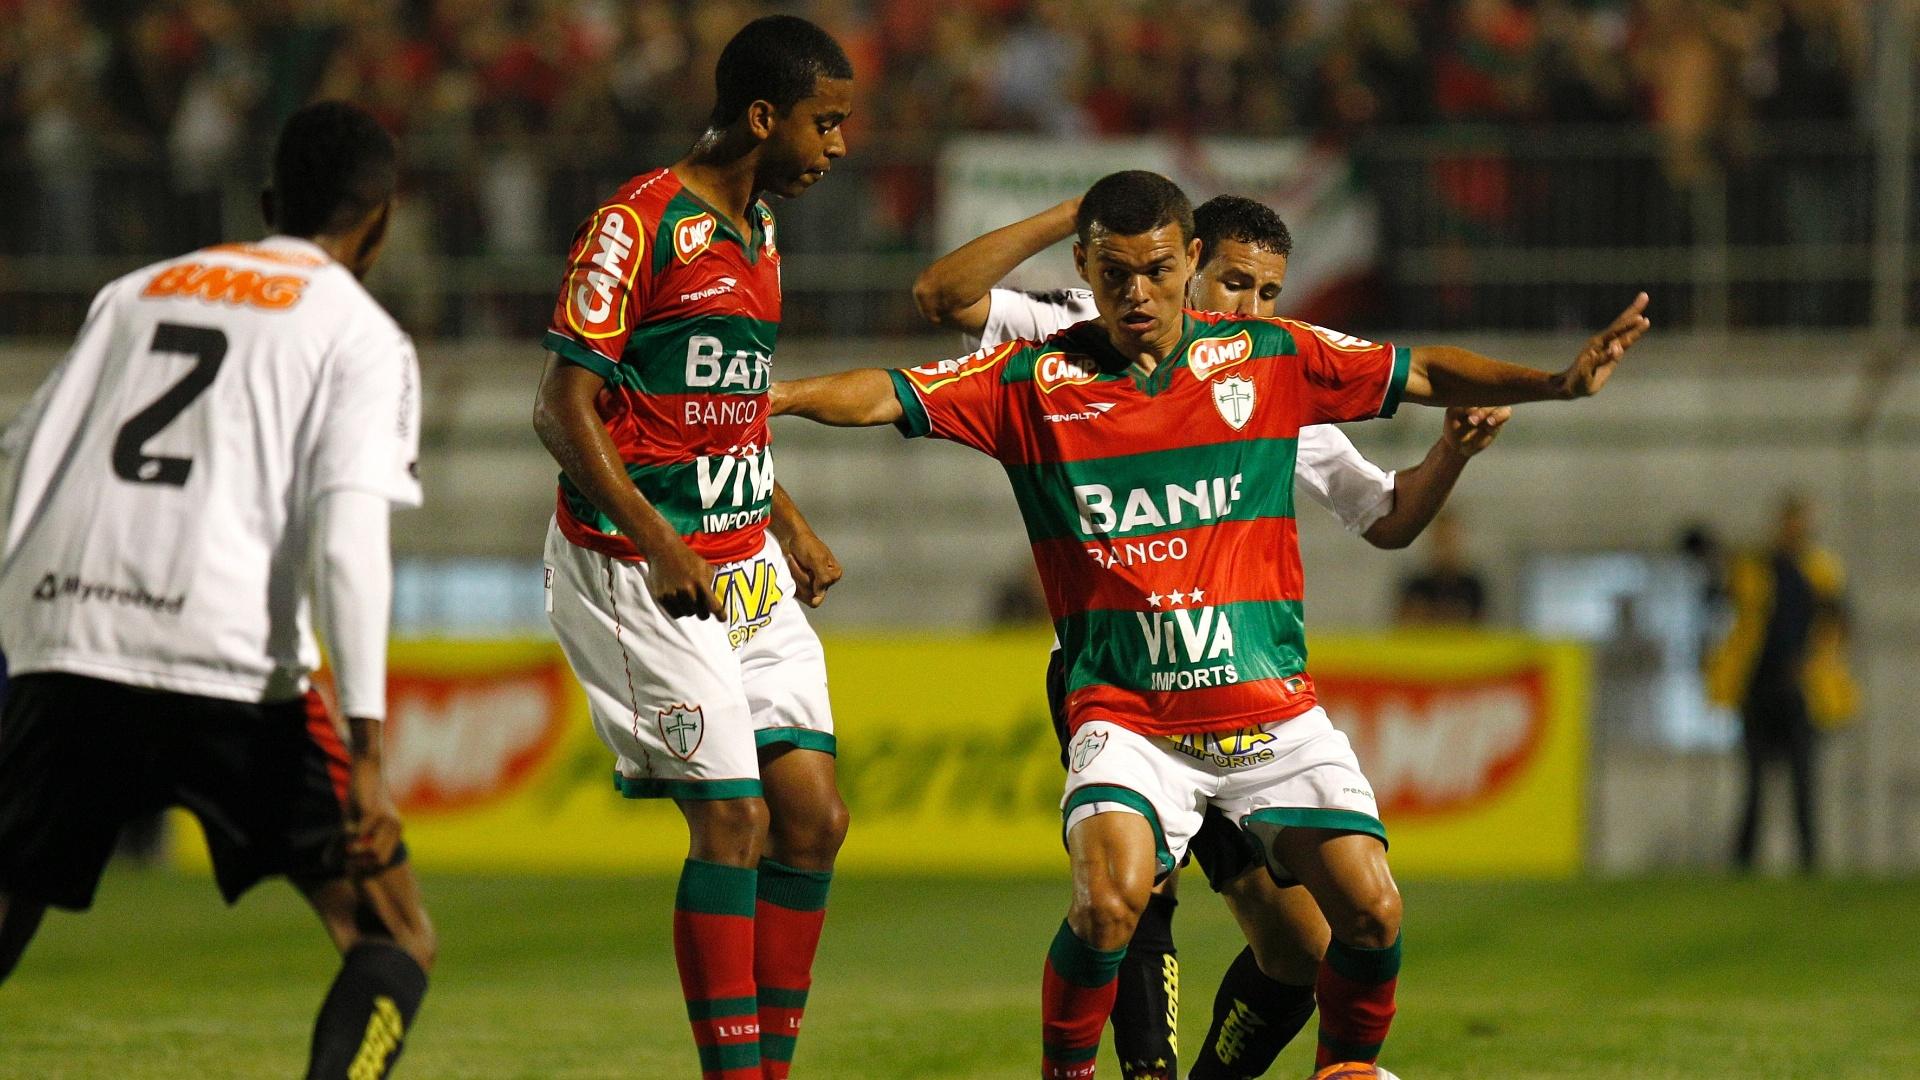 Lateral Marcelo Cordeiro protege a bola em duelo da Portuguesa contra o Sport, disputado no Canindé